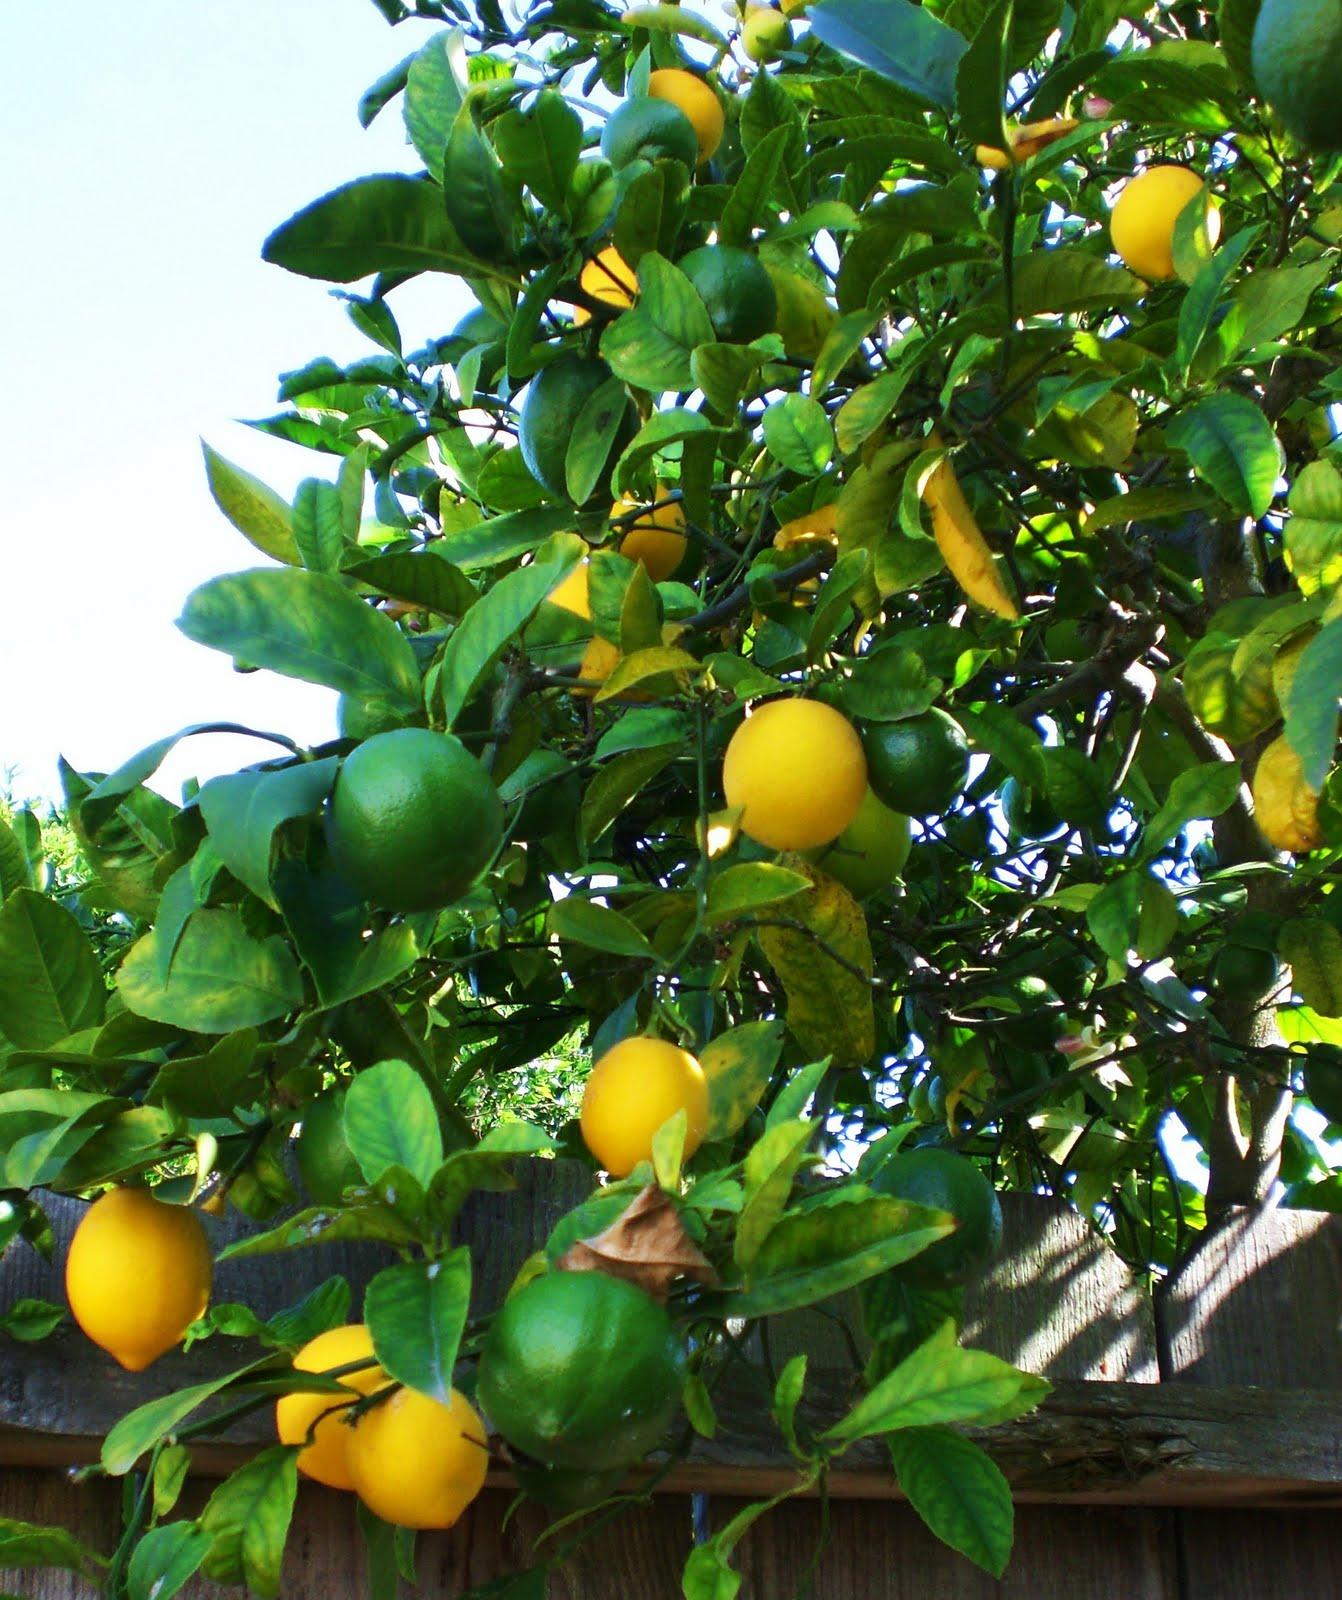 Moonrose Meanderings by Elizabeth Munroz: Lemon Escargot